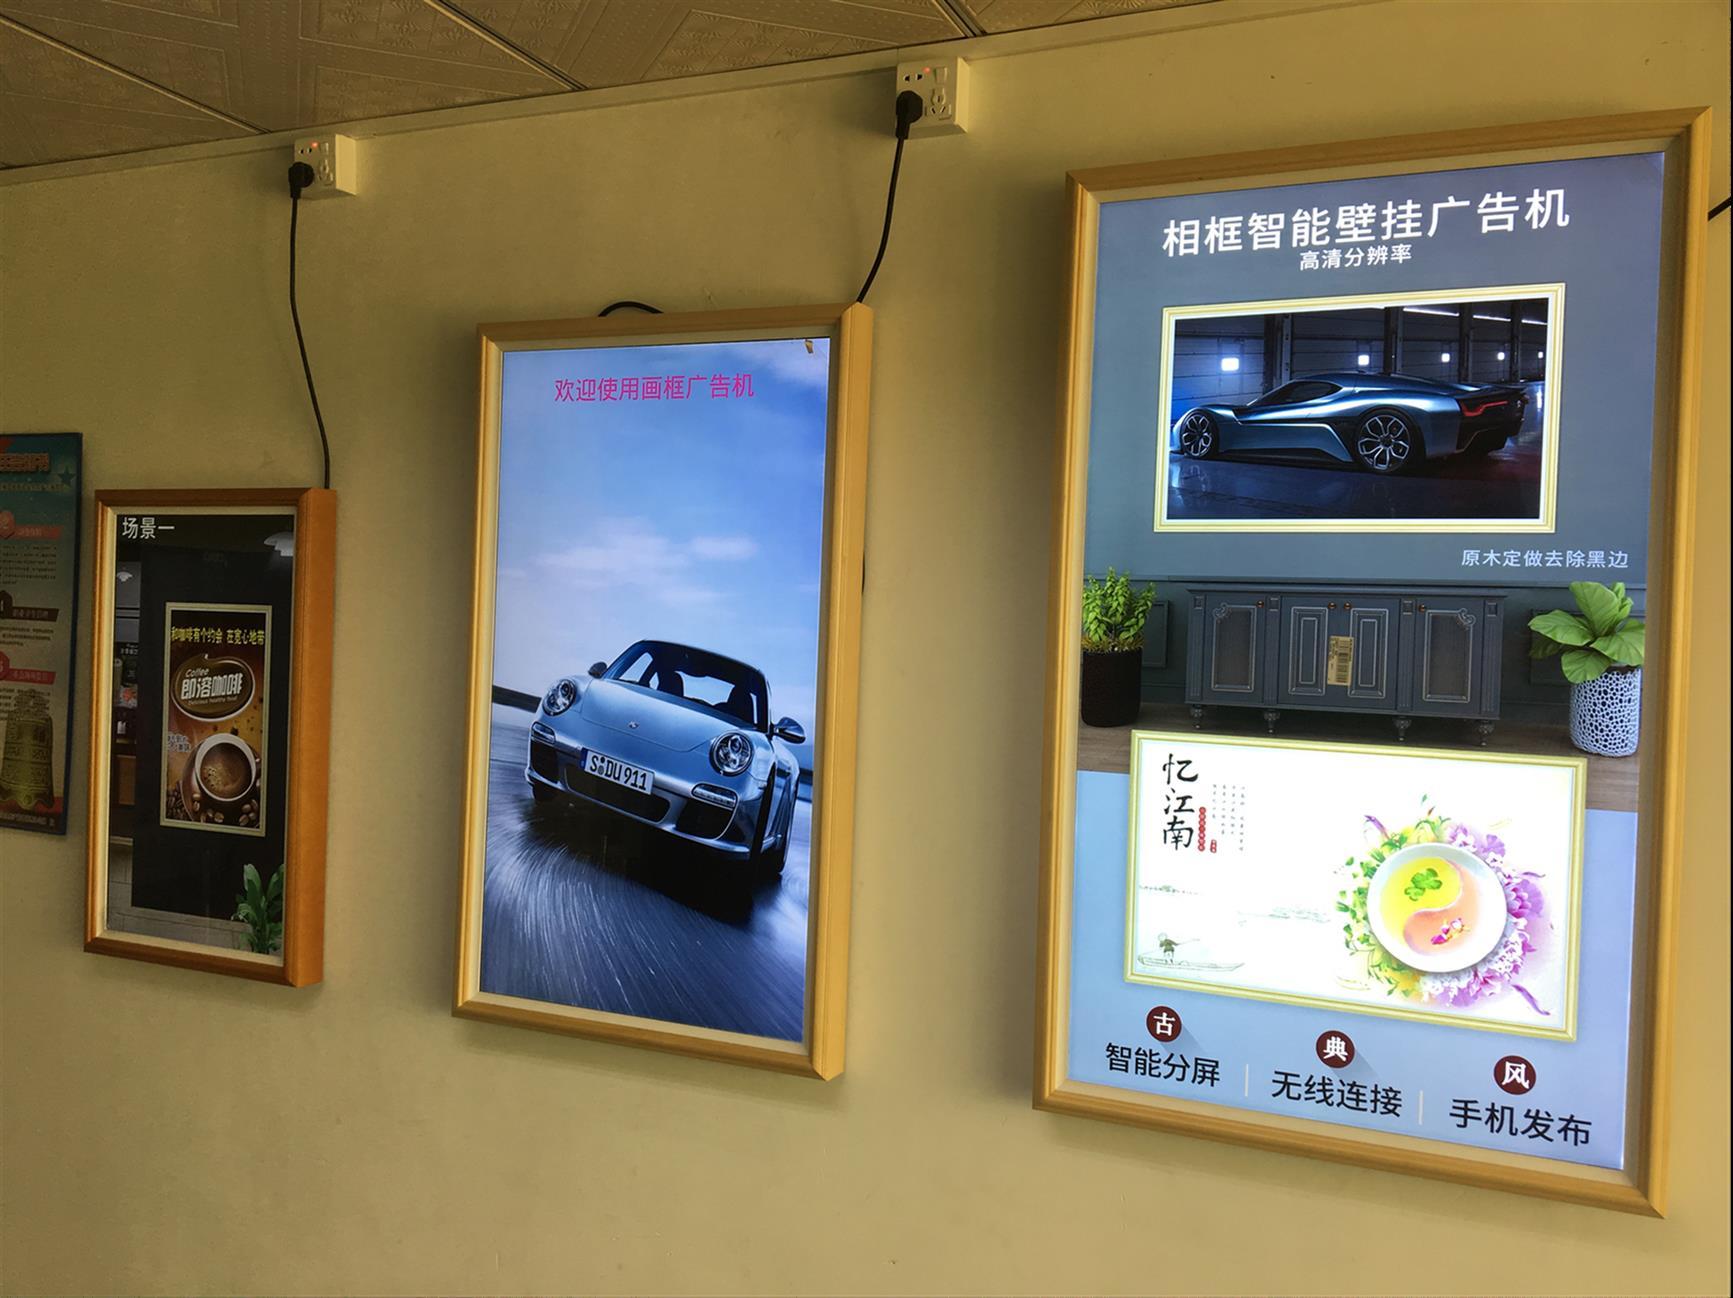 莆田32寸液晶广告机供应商